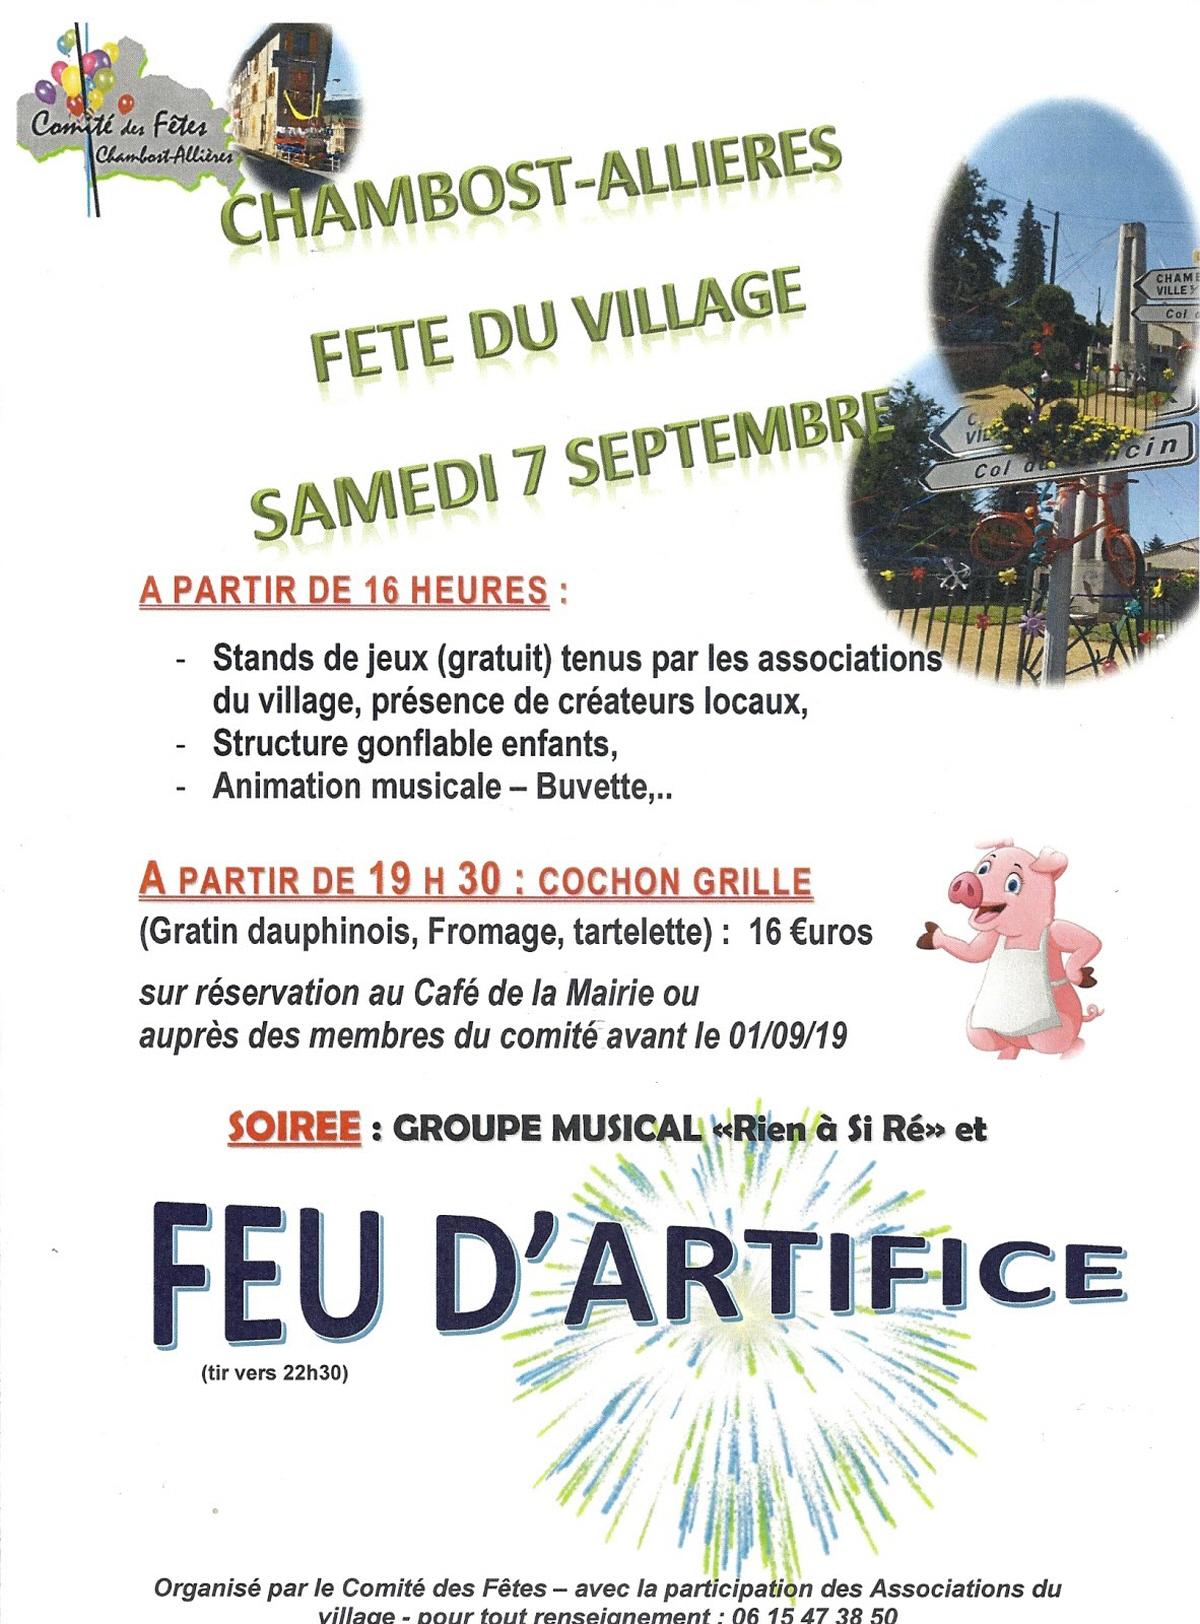 Fete Du Village : Fete, Carnaval, Kermesse A Chambost Allieres serapportantà Jeux Gratuit De Village